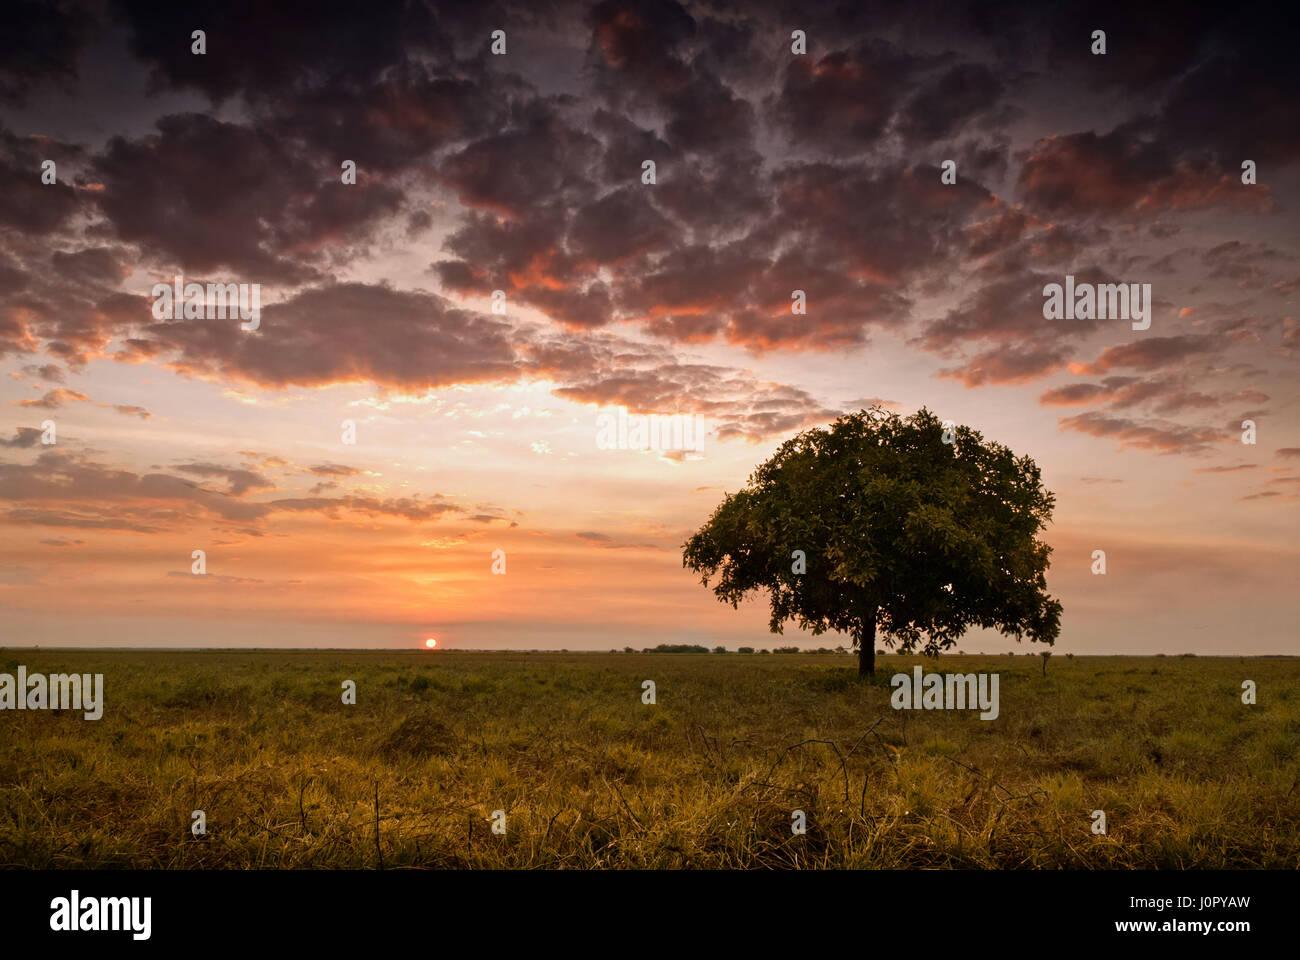 Einzigen Baum unter glühenden Himmel in der Abenddämmerung mit Sonne den Horizont berührt. Northern Territory, Australien Stockfoto